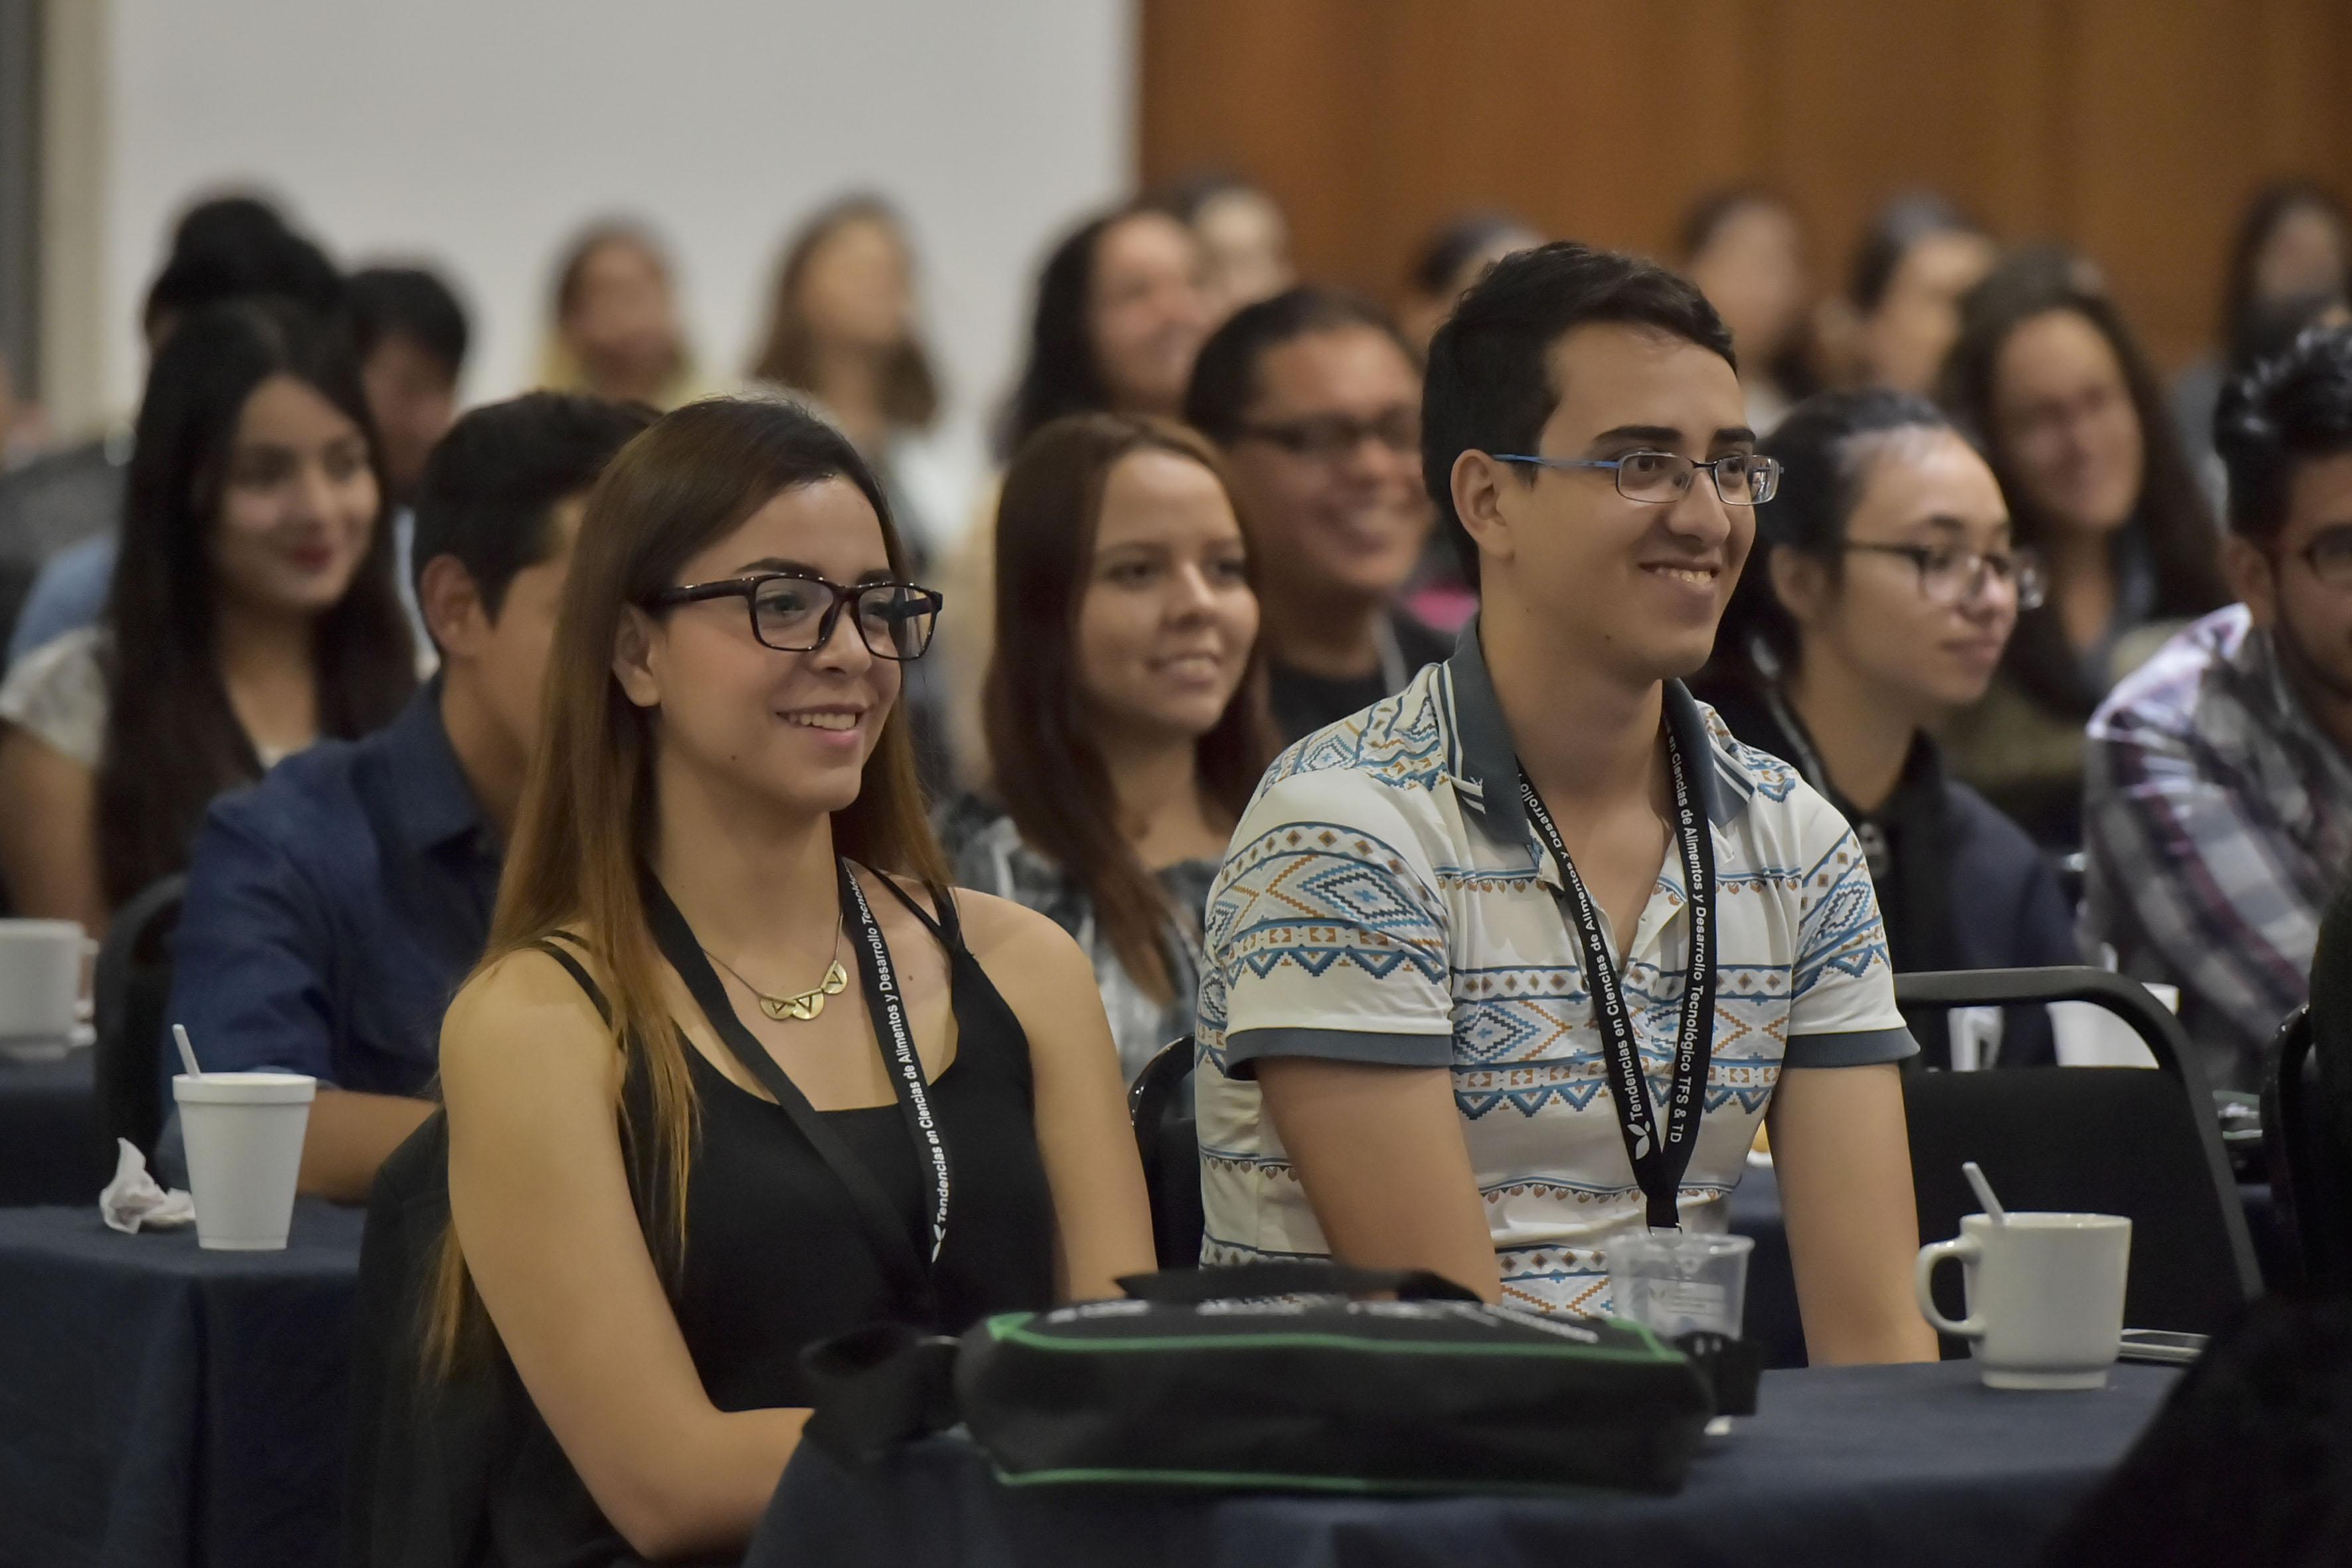 Estudiantes universitarios asistentes al Congreso sobre tendencias en alimentos y tecnología.